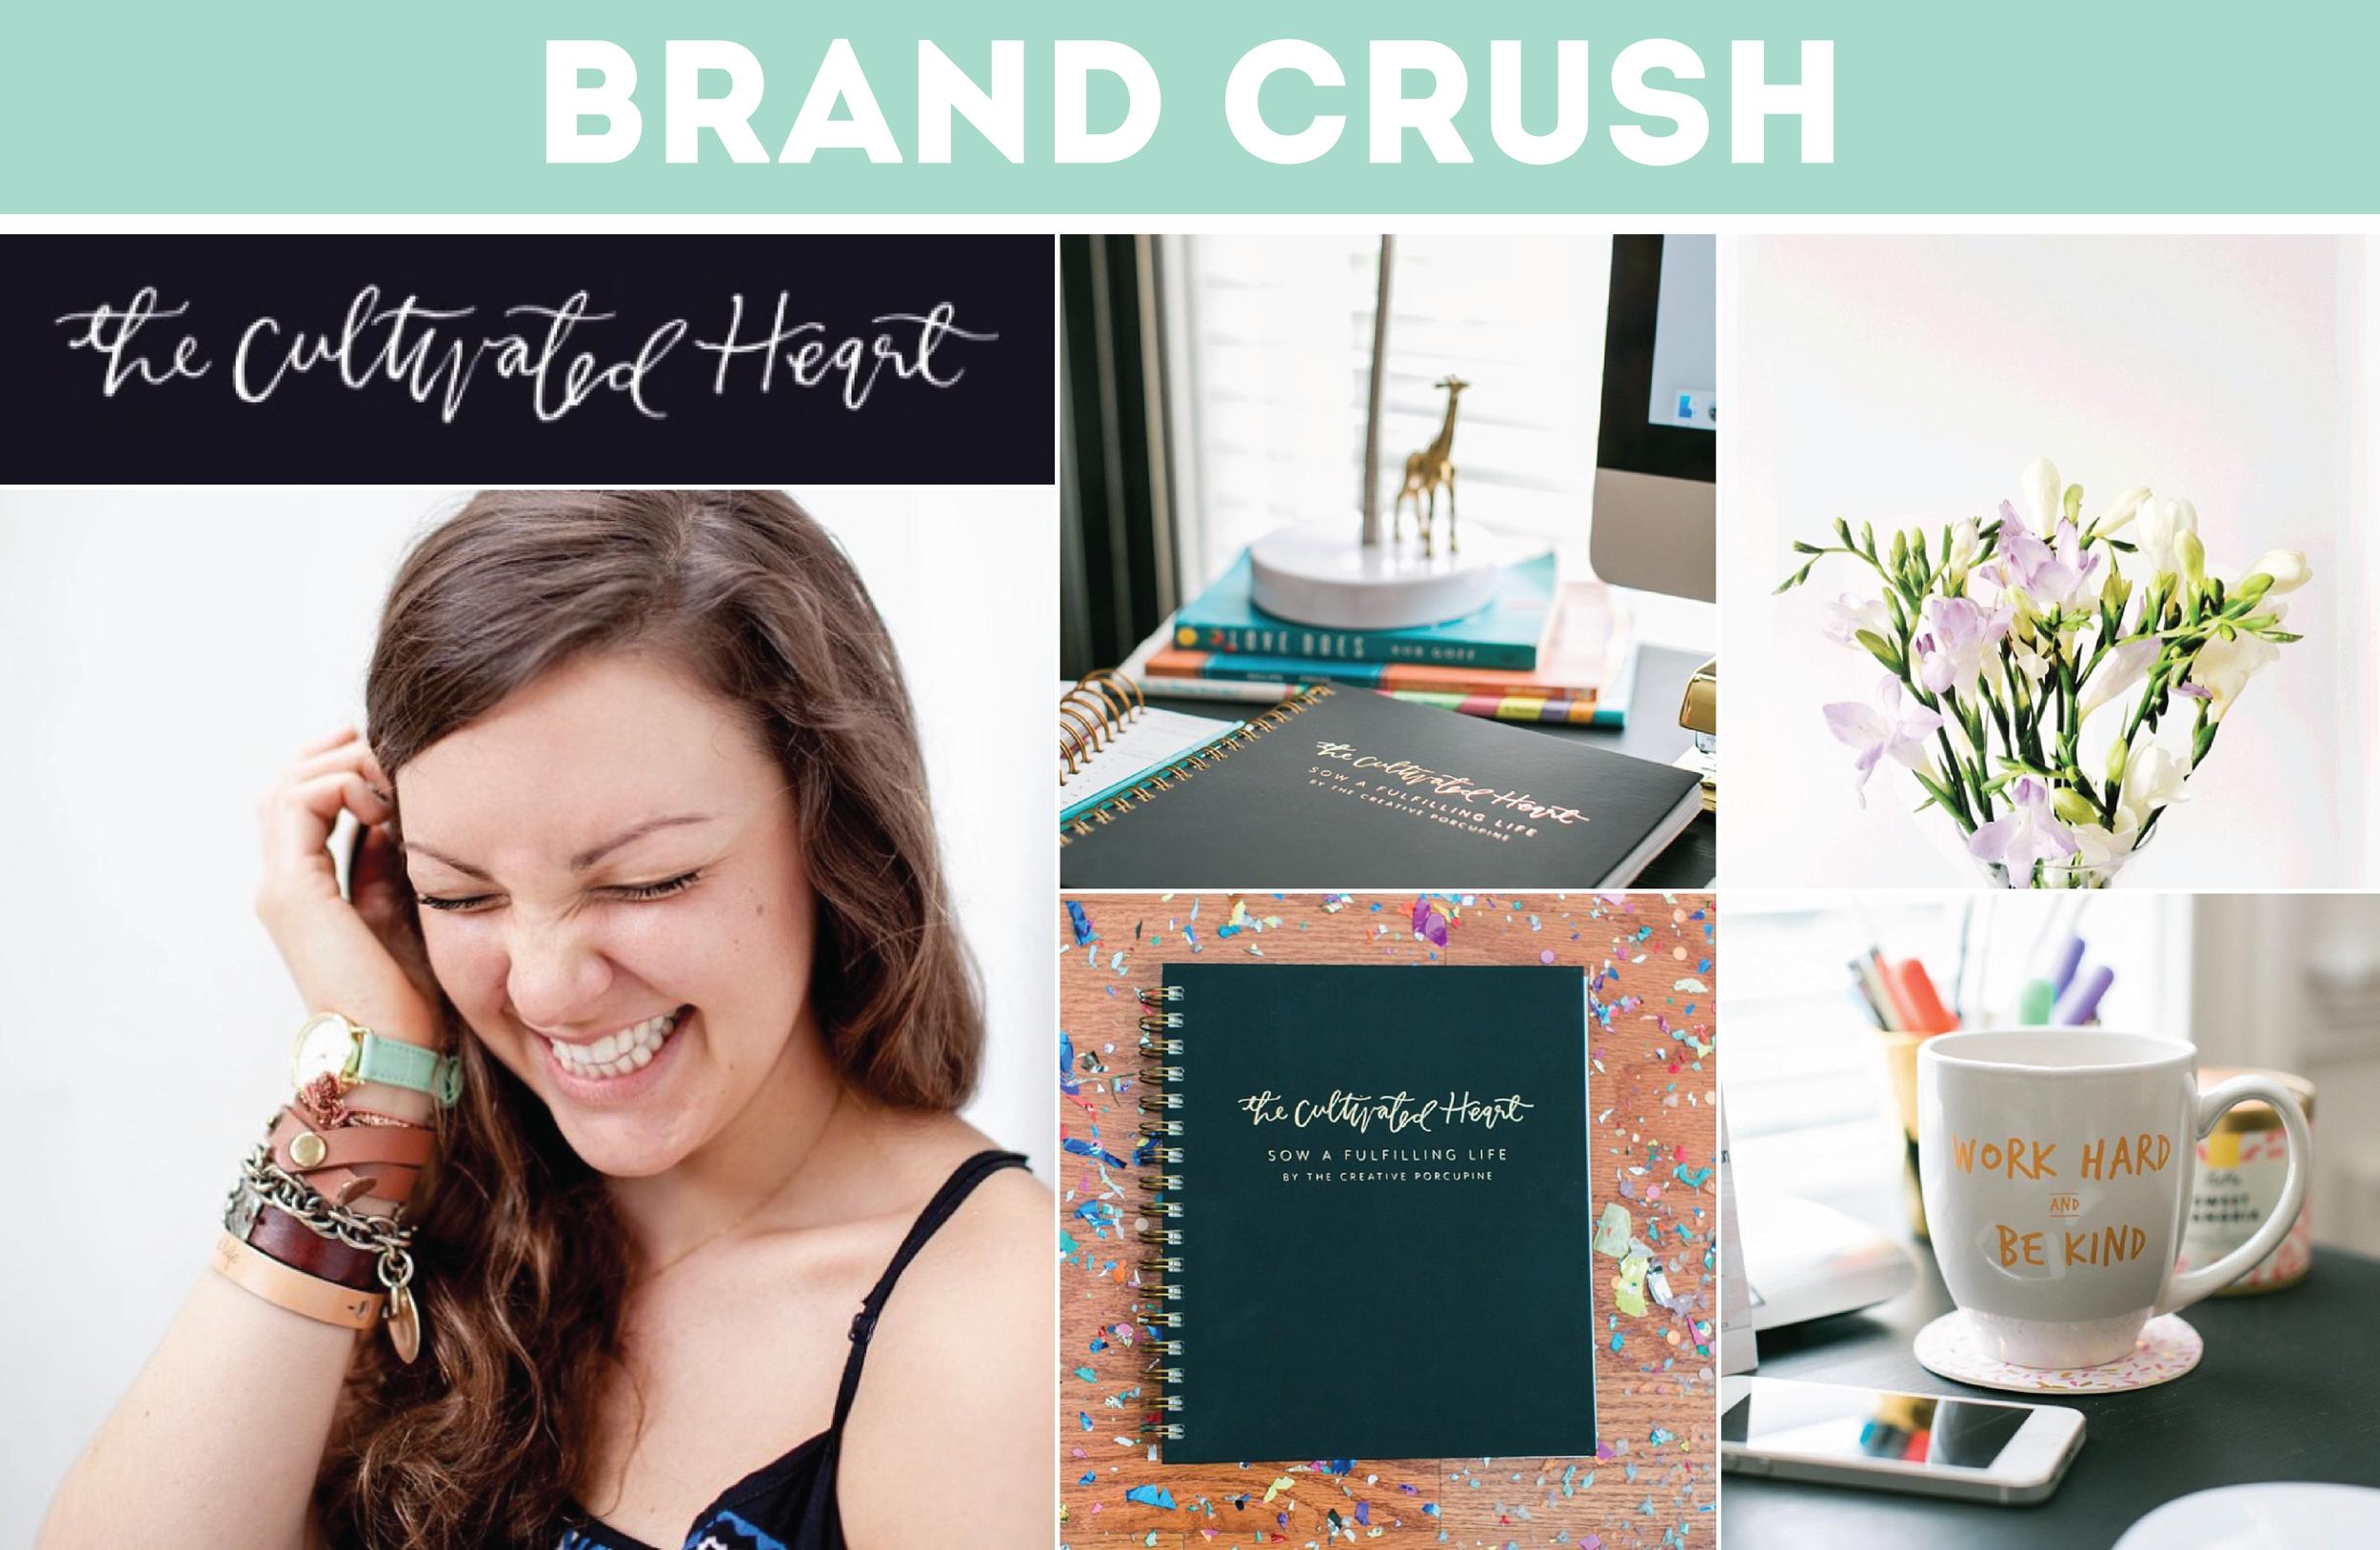 brandcrush_cultivatedheart-01